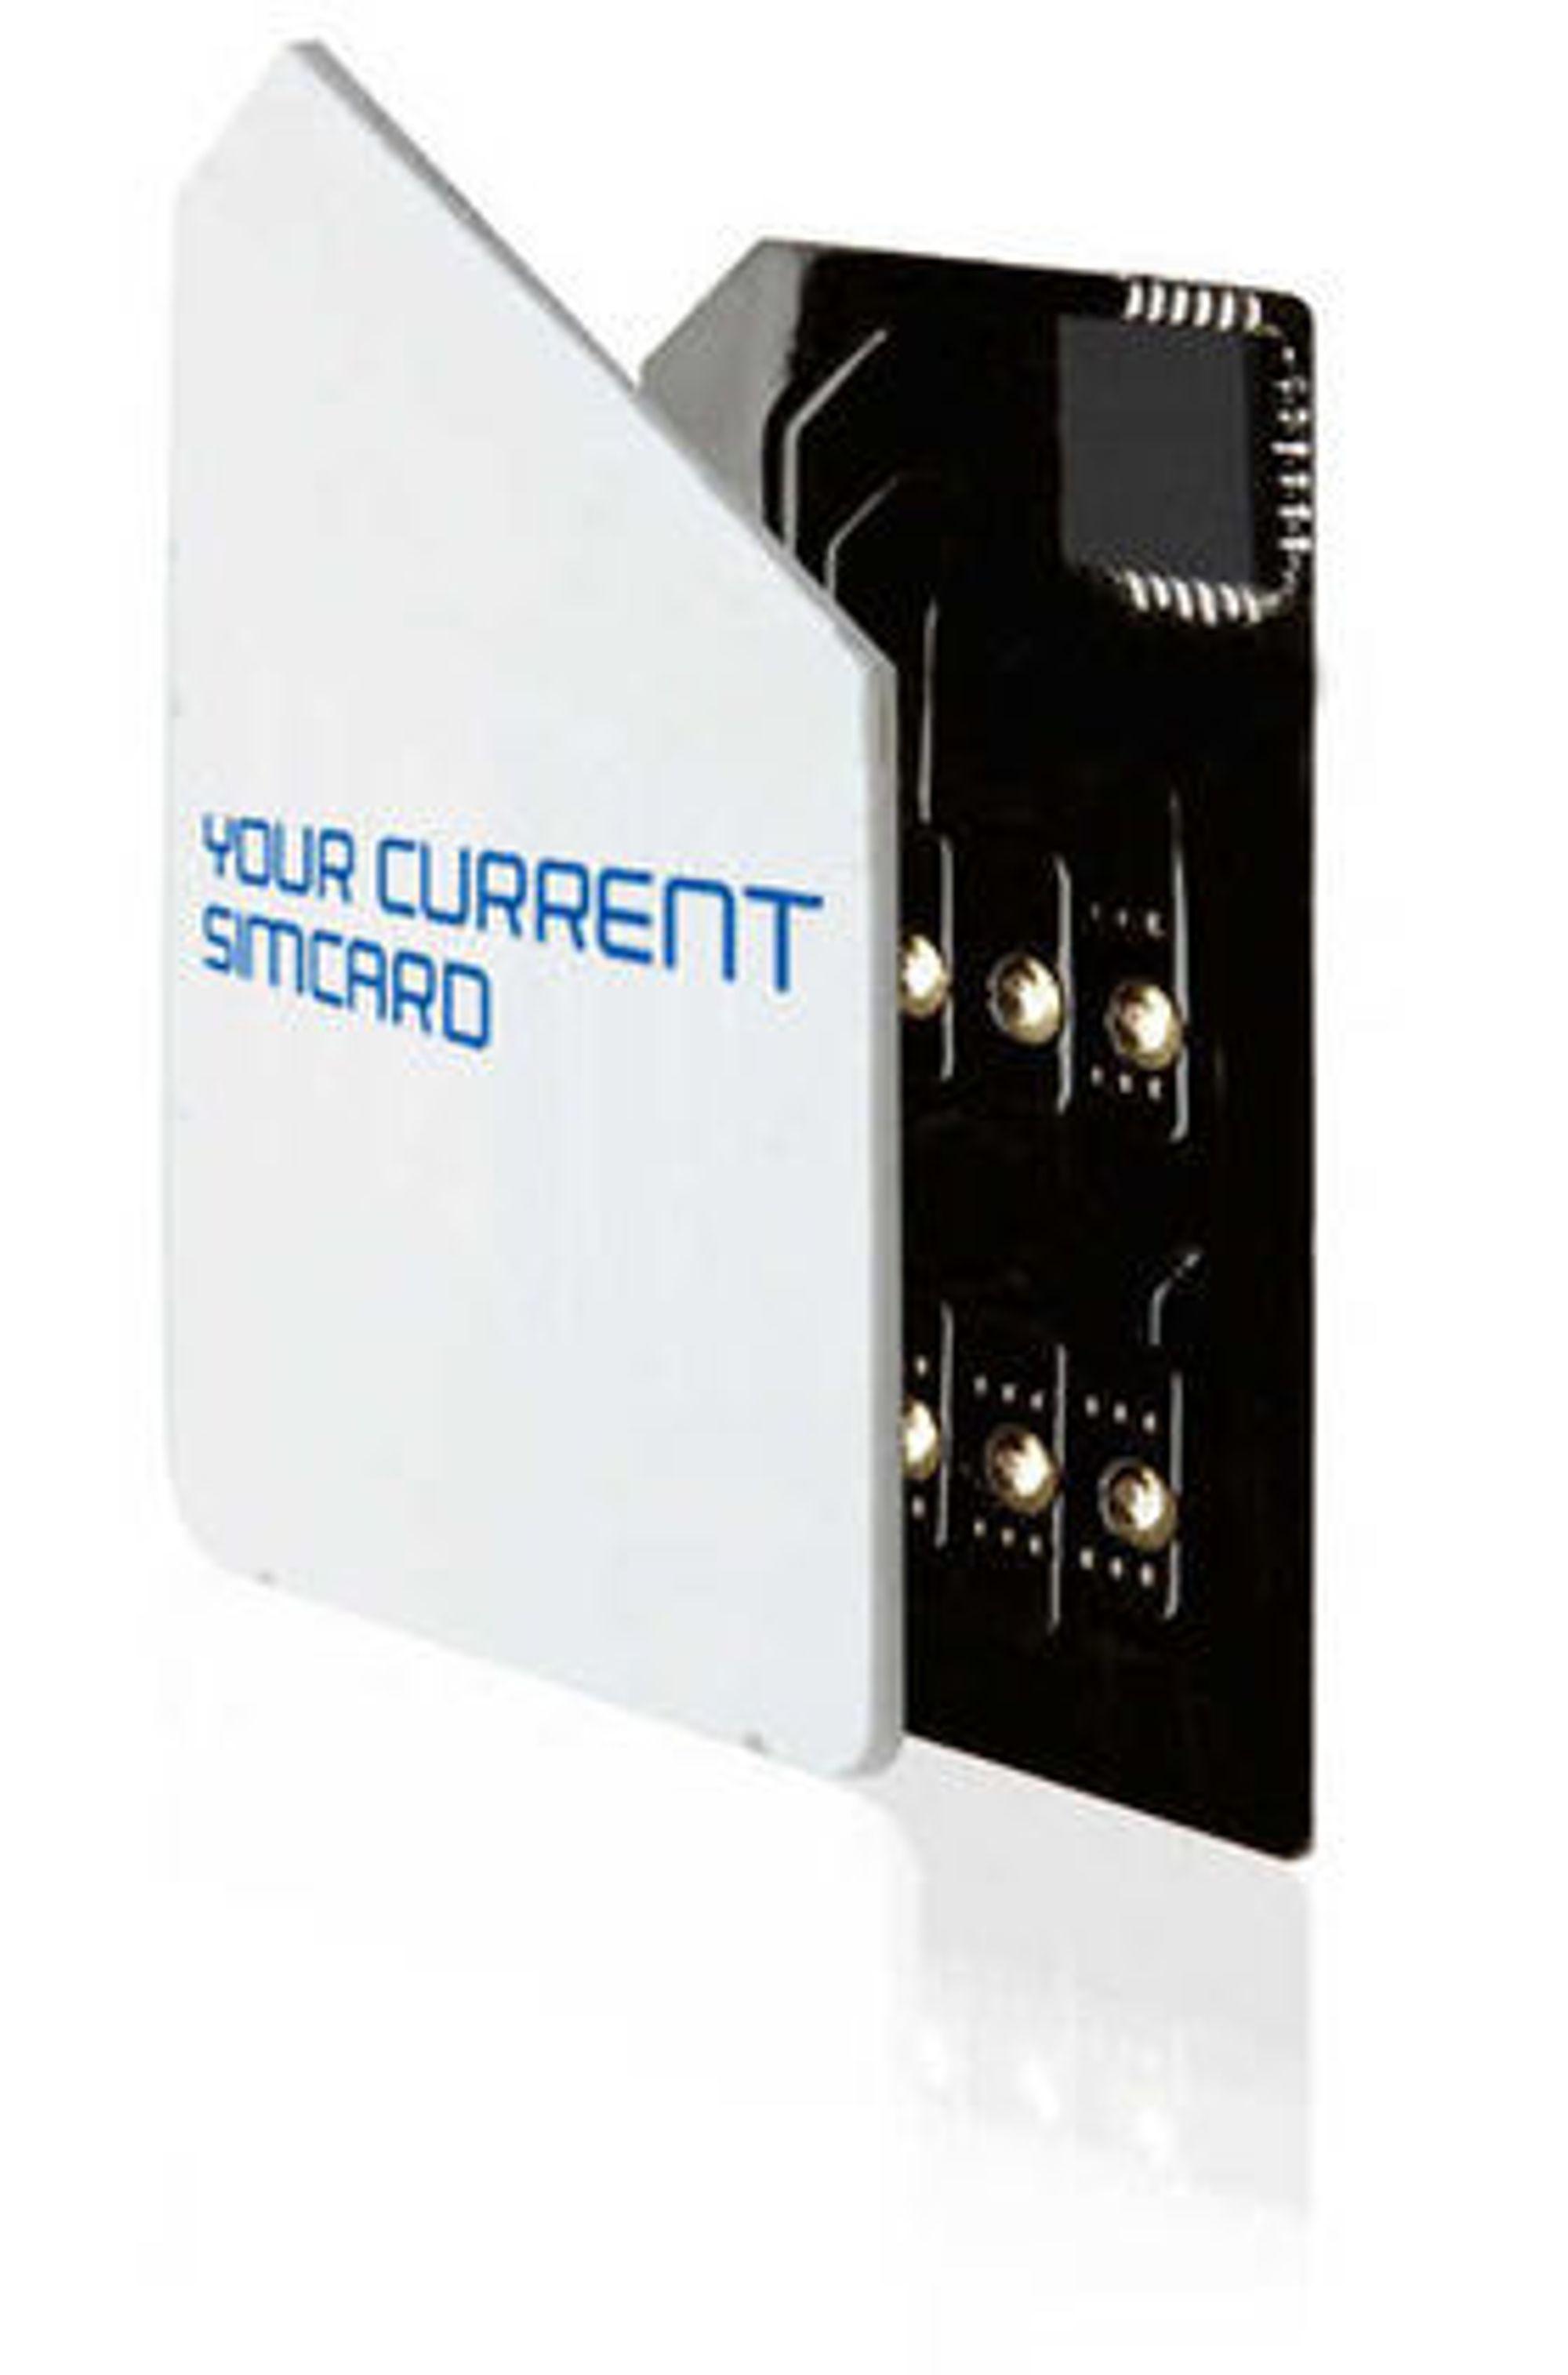 SIM-plasteret til Interfone festes til det vanlige SIM-kortet og skal passe til alle mobiler. En løsning for micro-SIM loves i løpet av sommeren.